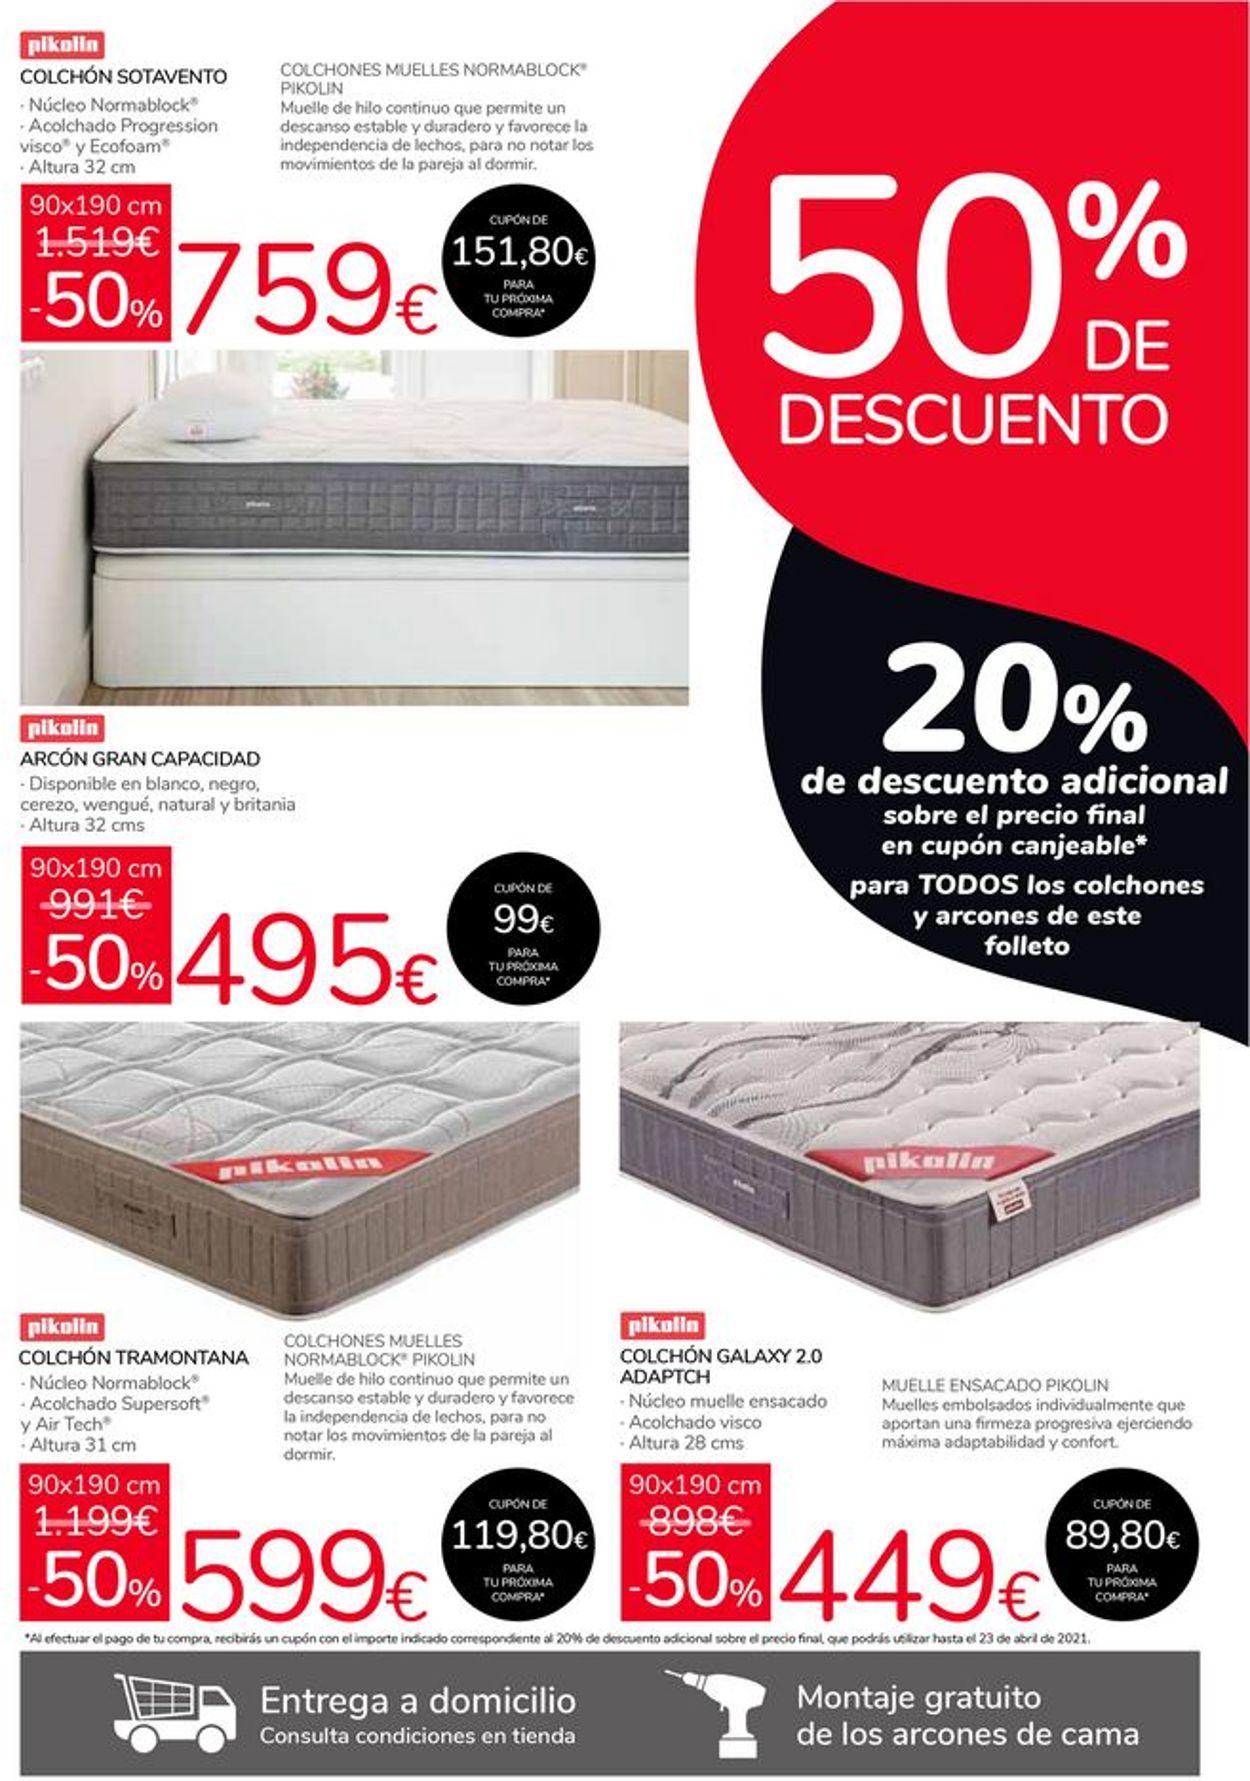 Carrefour 50% de descuento en Pikolin y Flex Folleto - 24.02-23.03.2021 (Página 2)